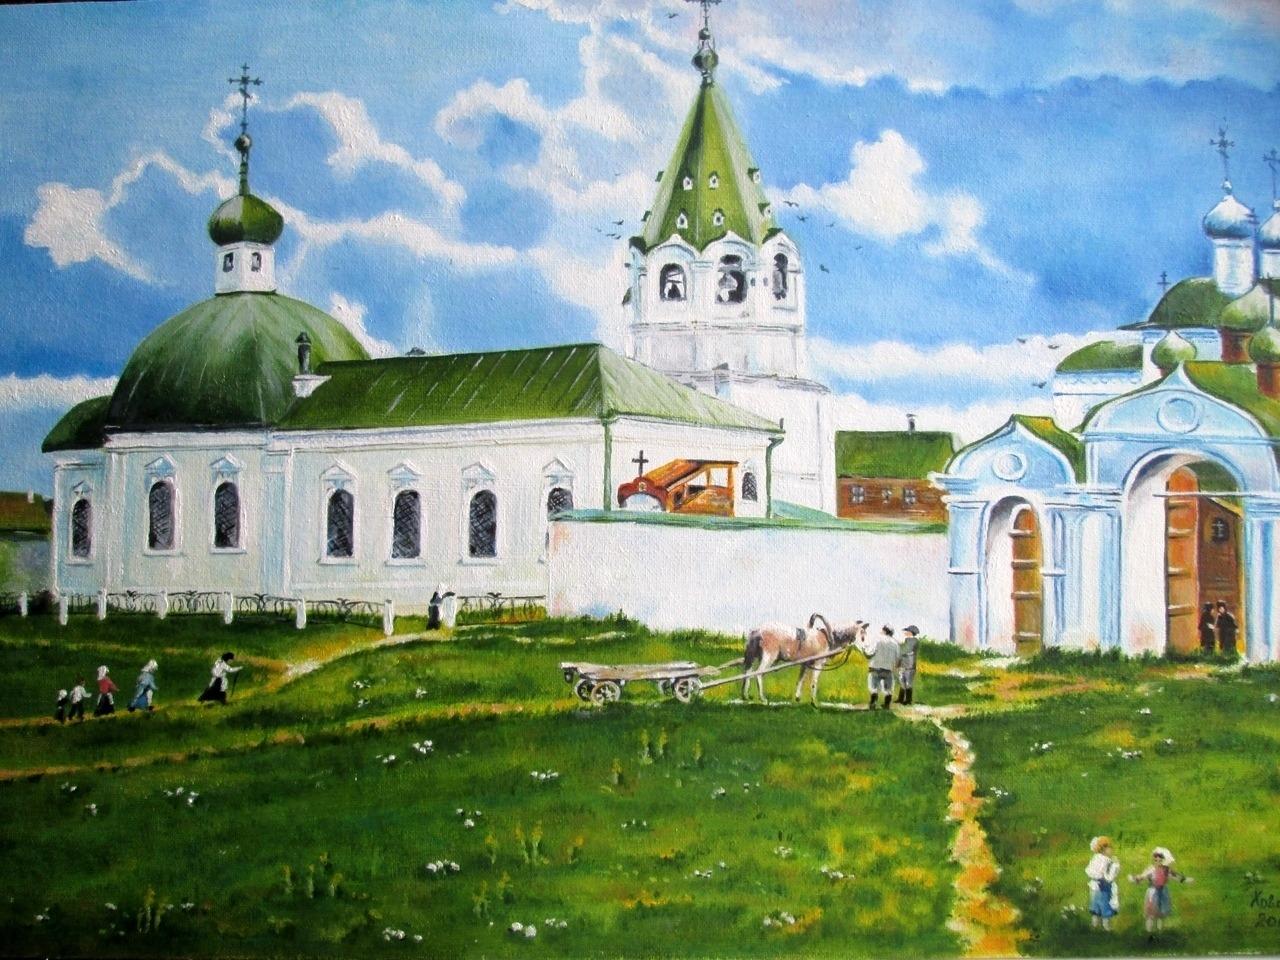 Подведены итоги творческого конкурса, приуроченного ко дню памяти преподобного Серафима Саровского